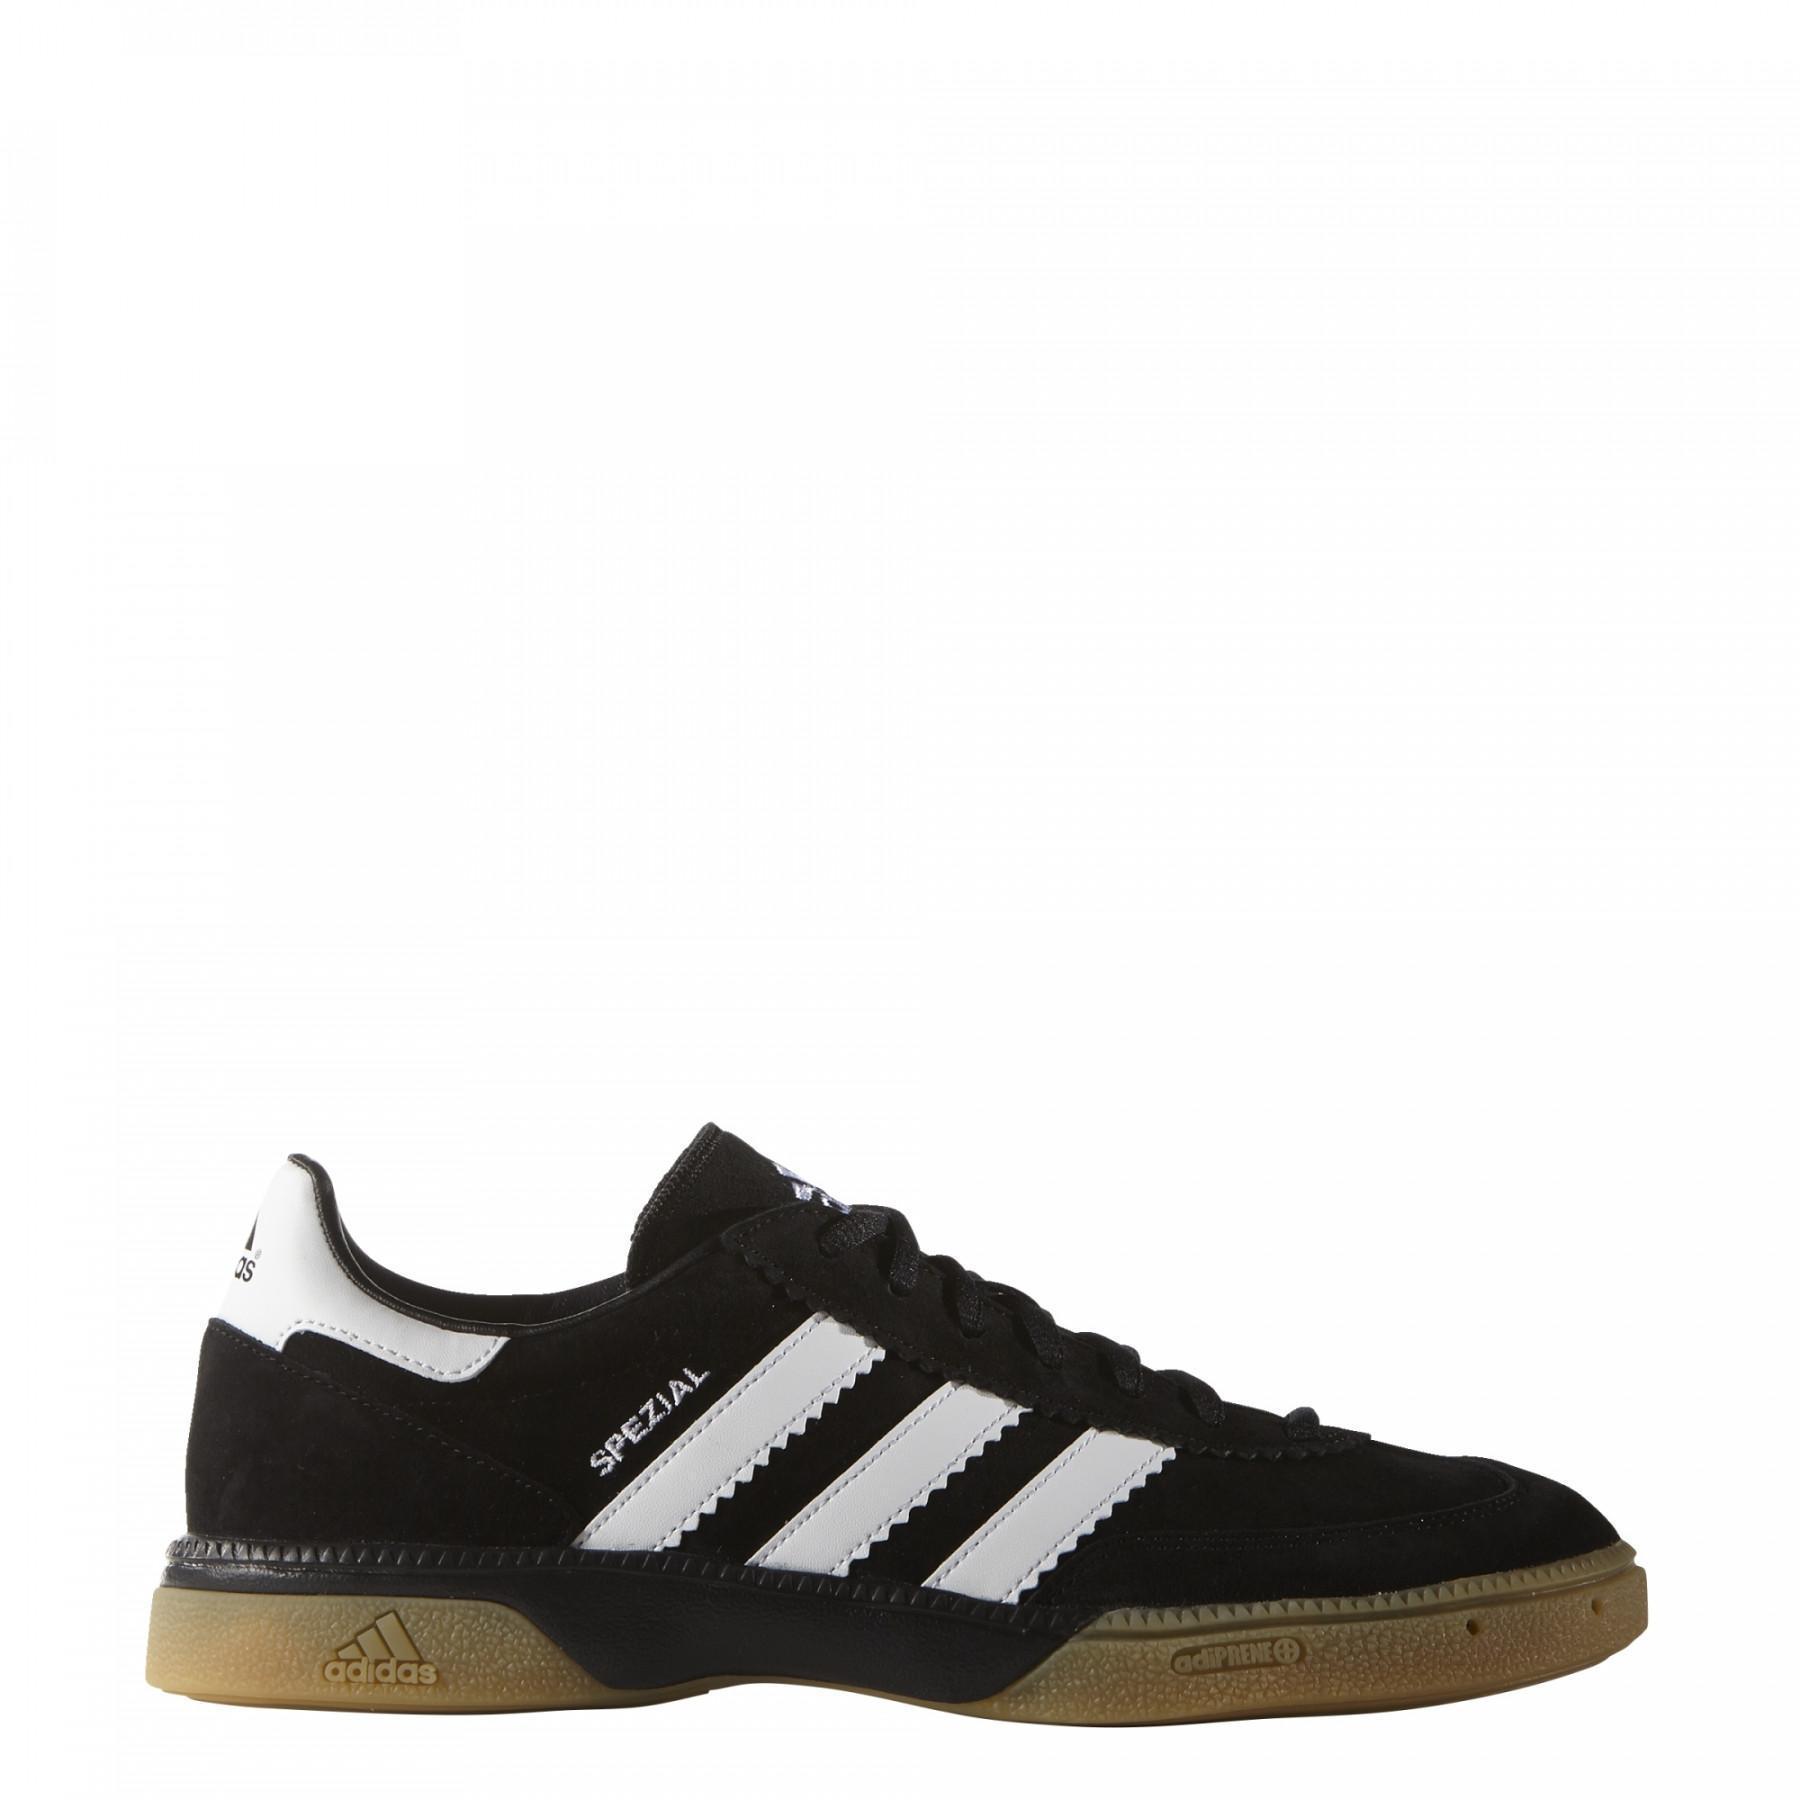 Zapatillas adidas HB Spezial Negras